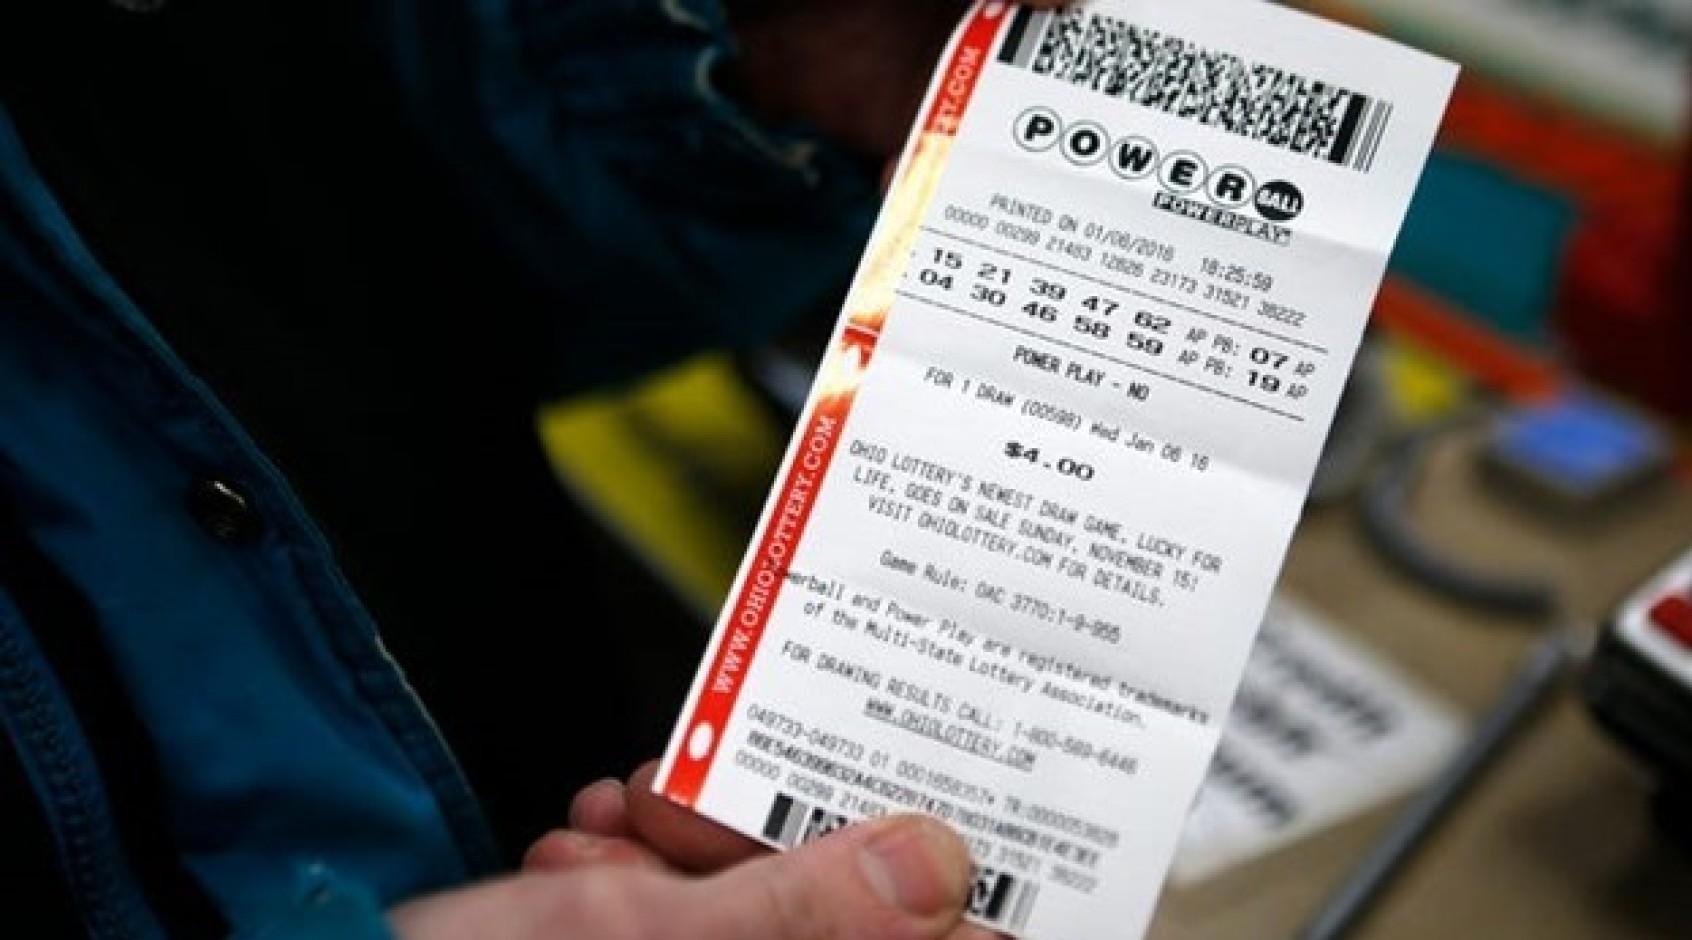 Powerball США разыграет $620 миллионов. Кто-то из Украины может стать мультимиллионером в эти выходные!